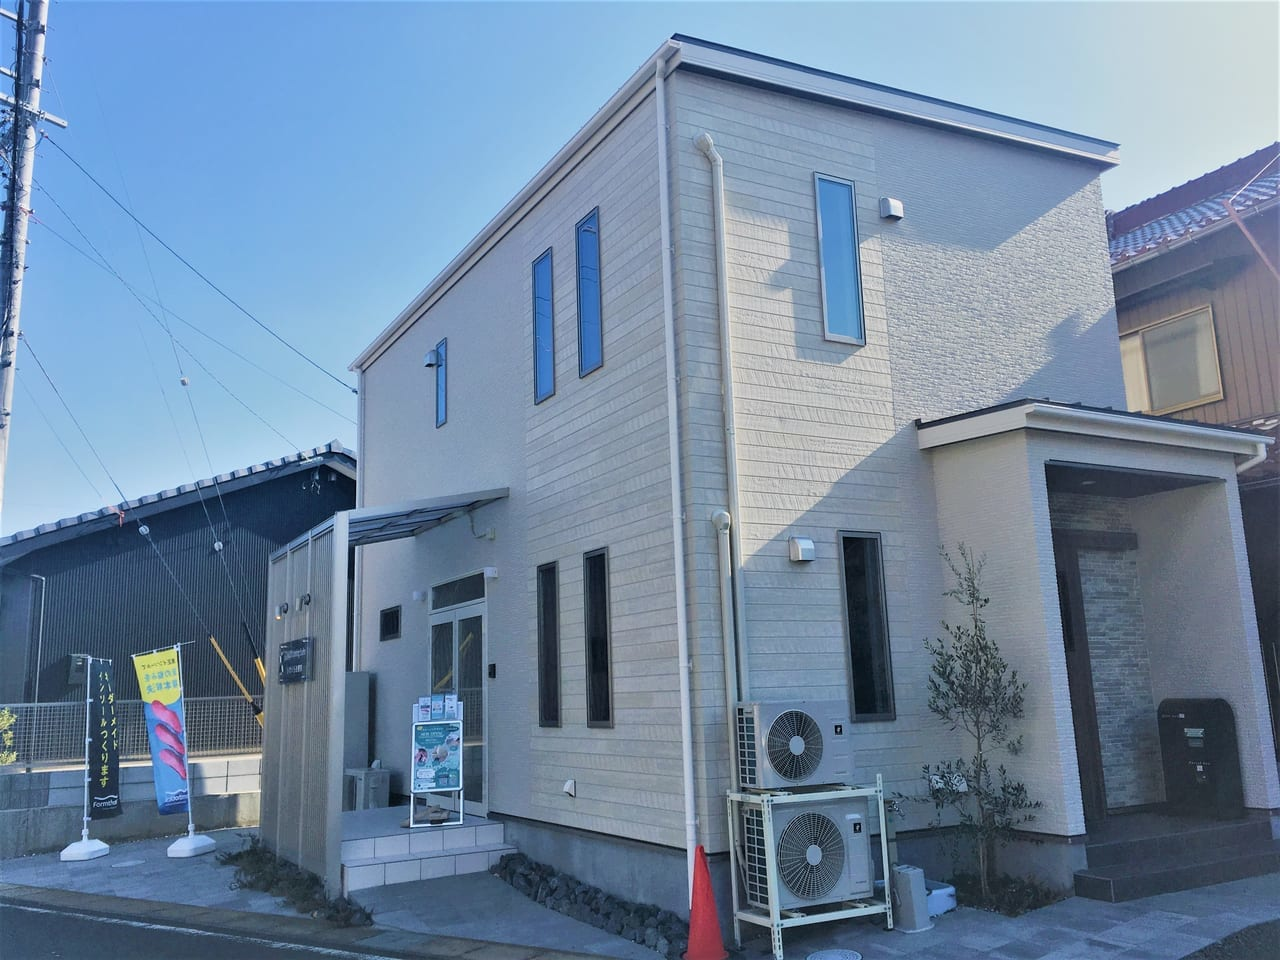 愛知県岩倉市のConditioning LABO外観